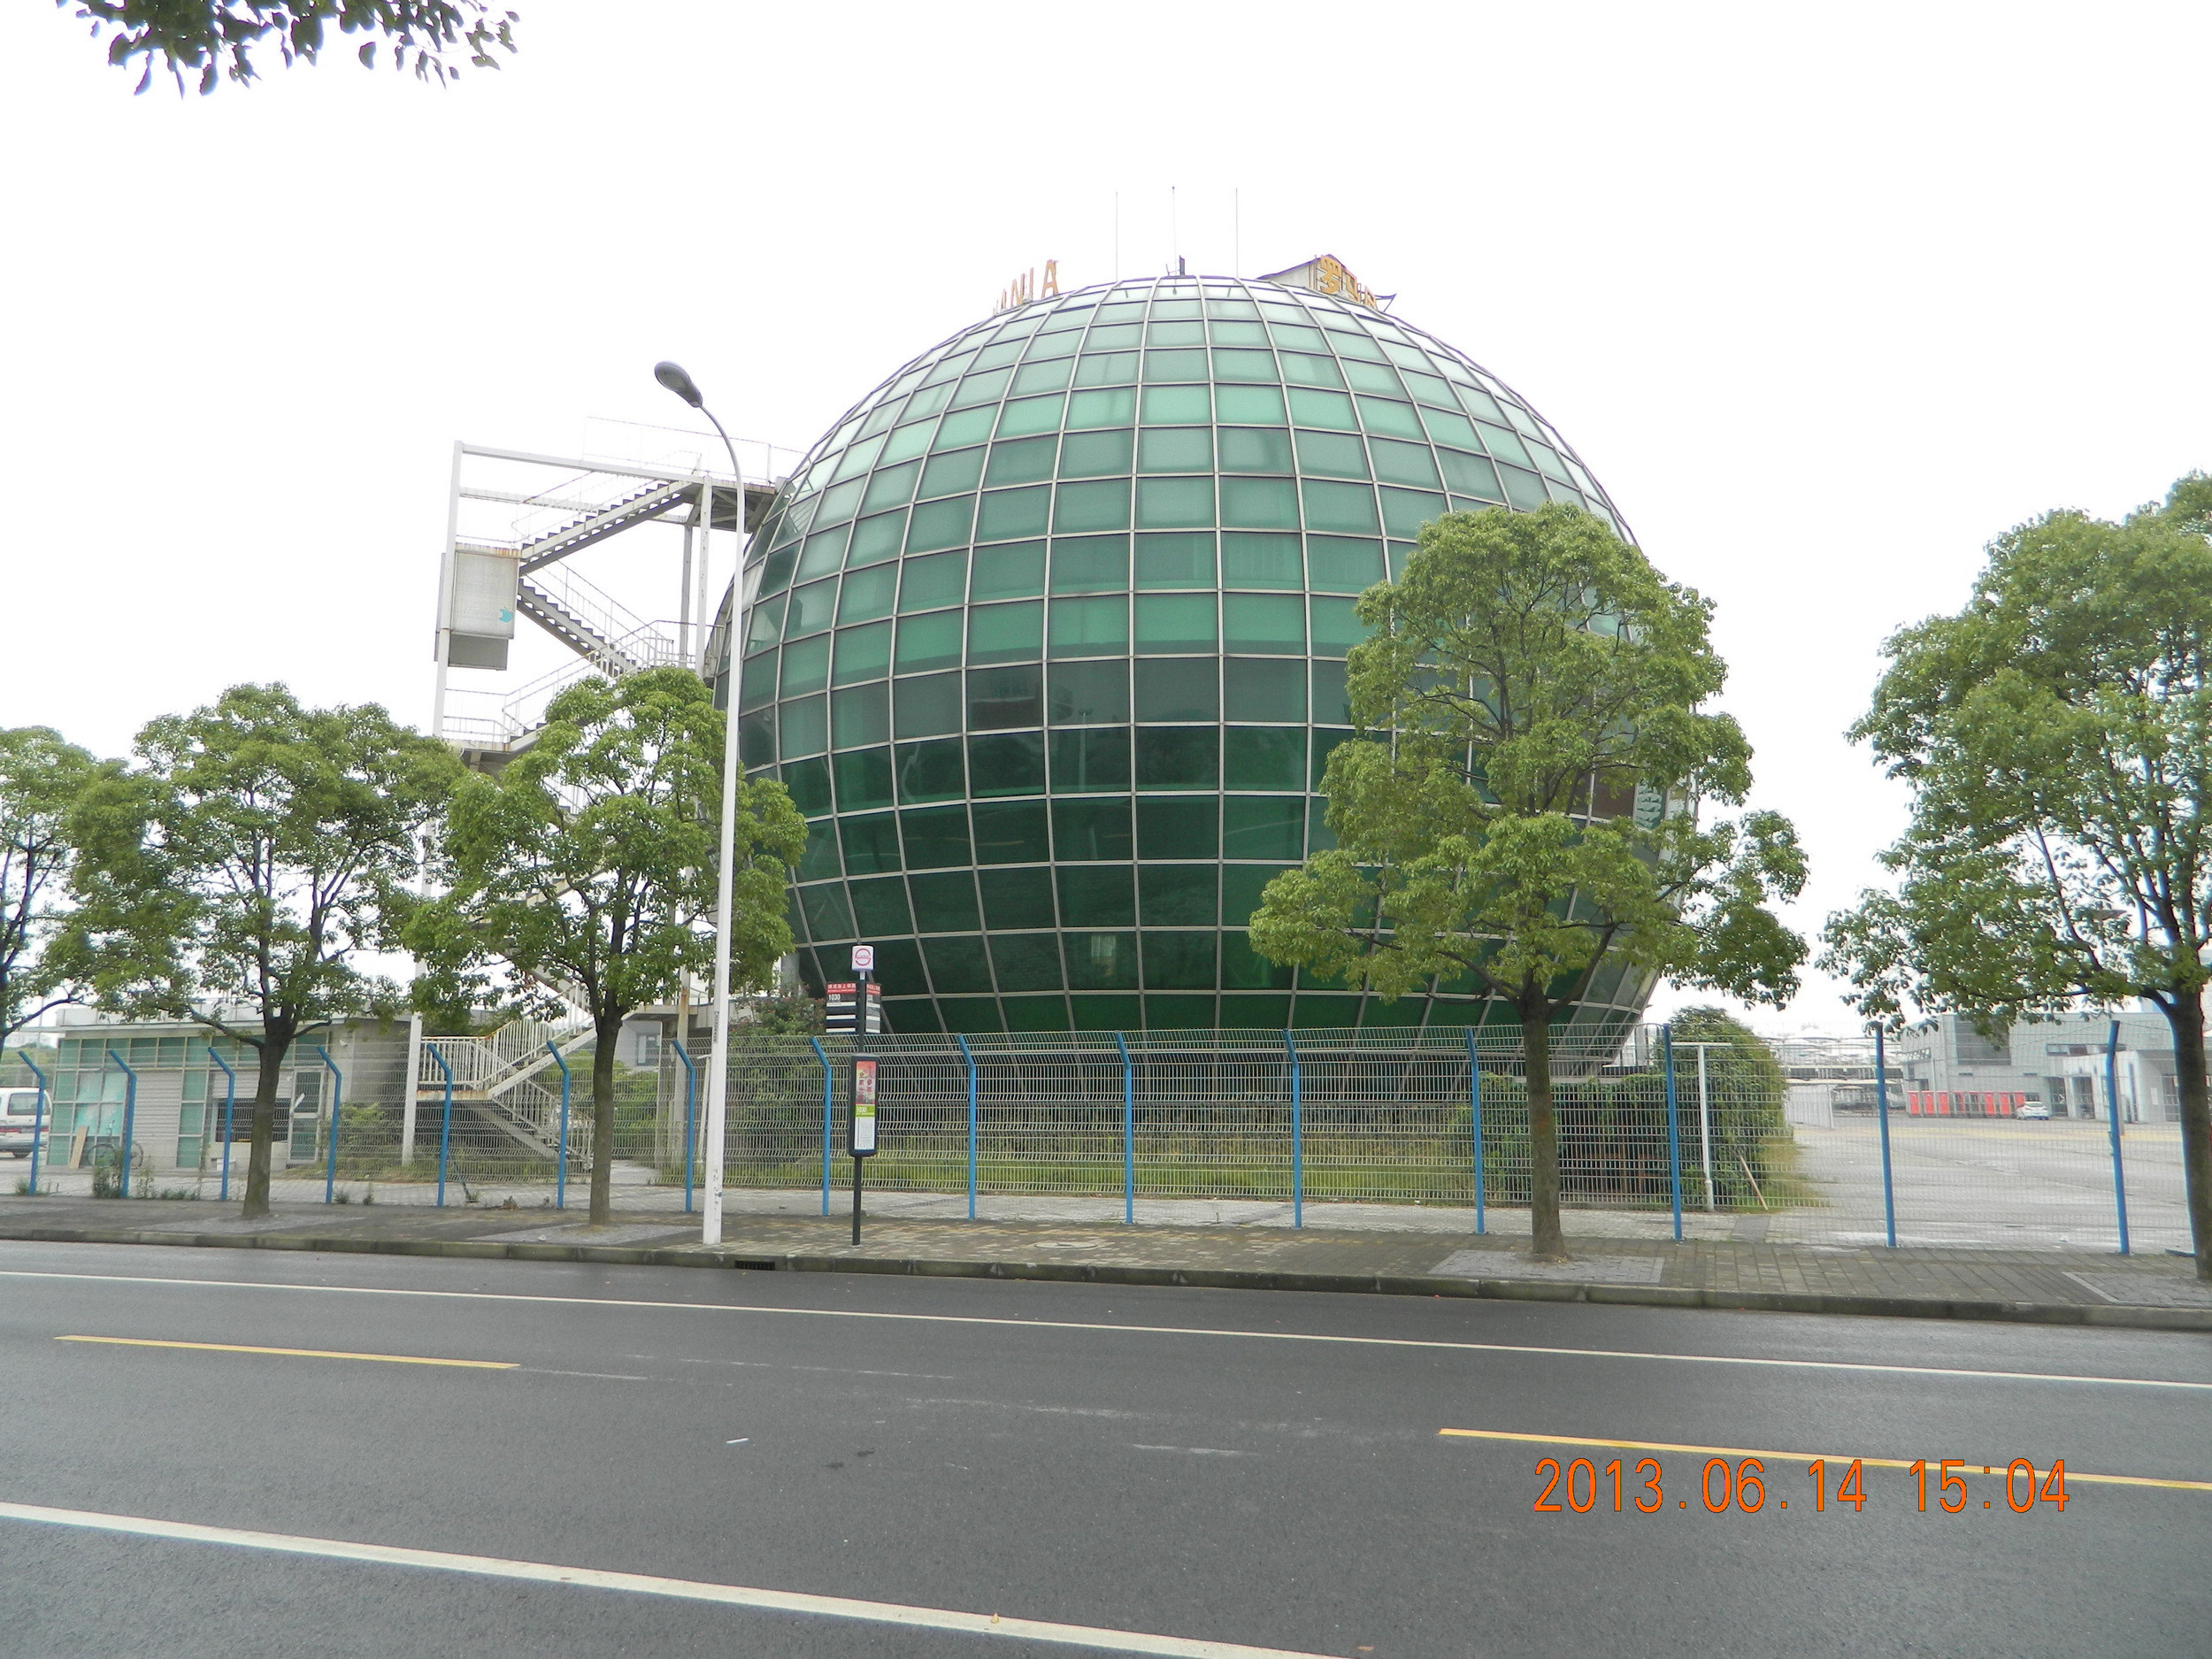 上海世博展览馆 上海世博会 上海世博会中国馆图片 1103623 2500x